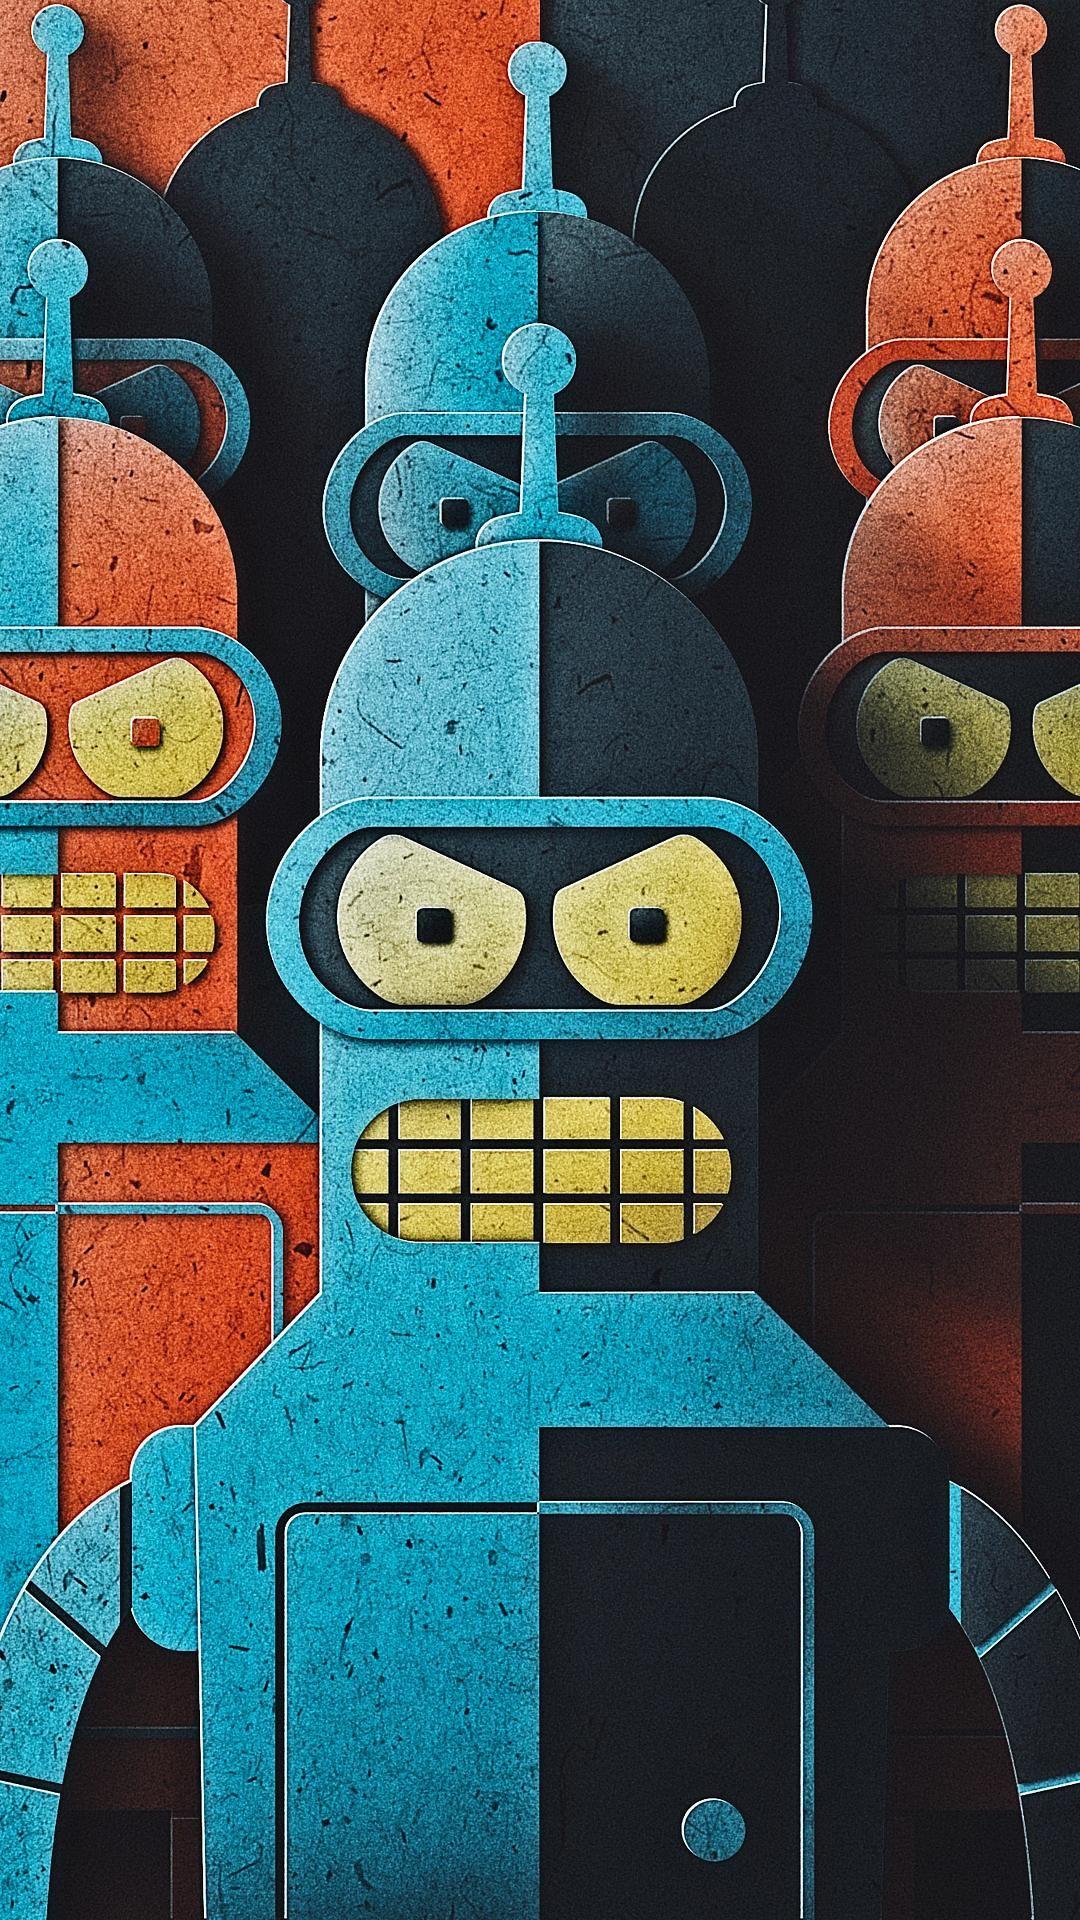 Bender Cartoon Wallpaper Cute Mobile Wallpapers Futurama